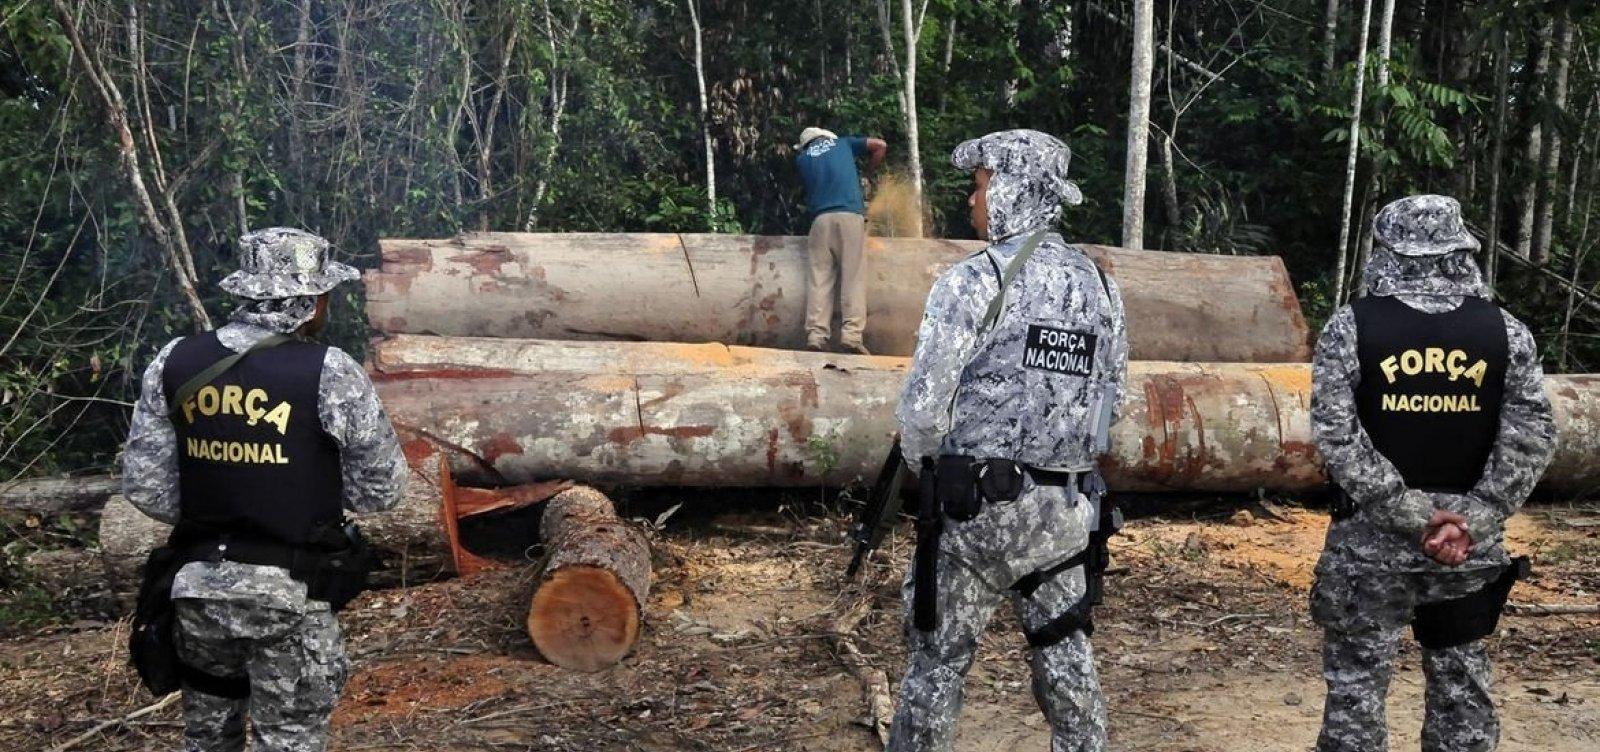 Governo decide retirar militares da Amazônia e limitar fiscalização a 11 cidades